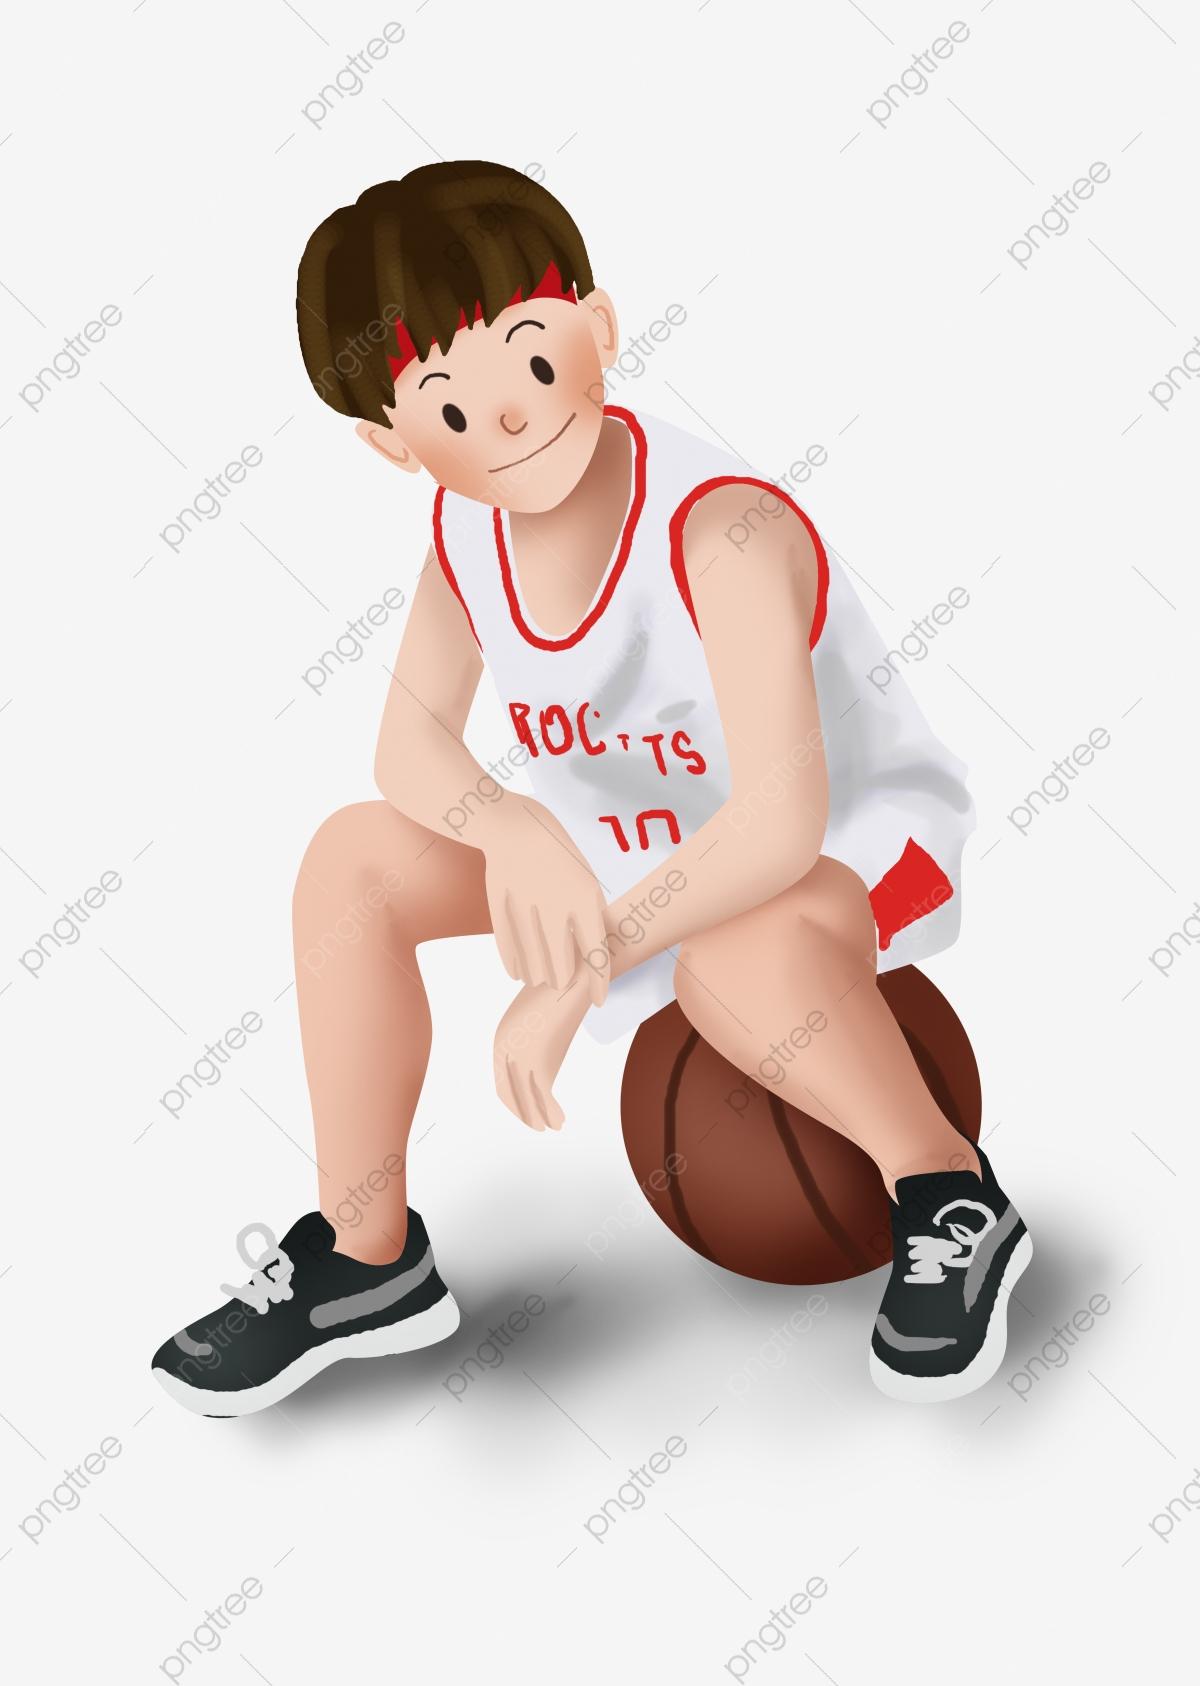 Motion Garçon Étudiant Jeux, Basket Ball, Match De Basket pour Jeux Gratuit Pour Les Garcon